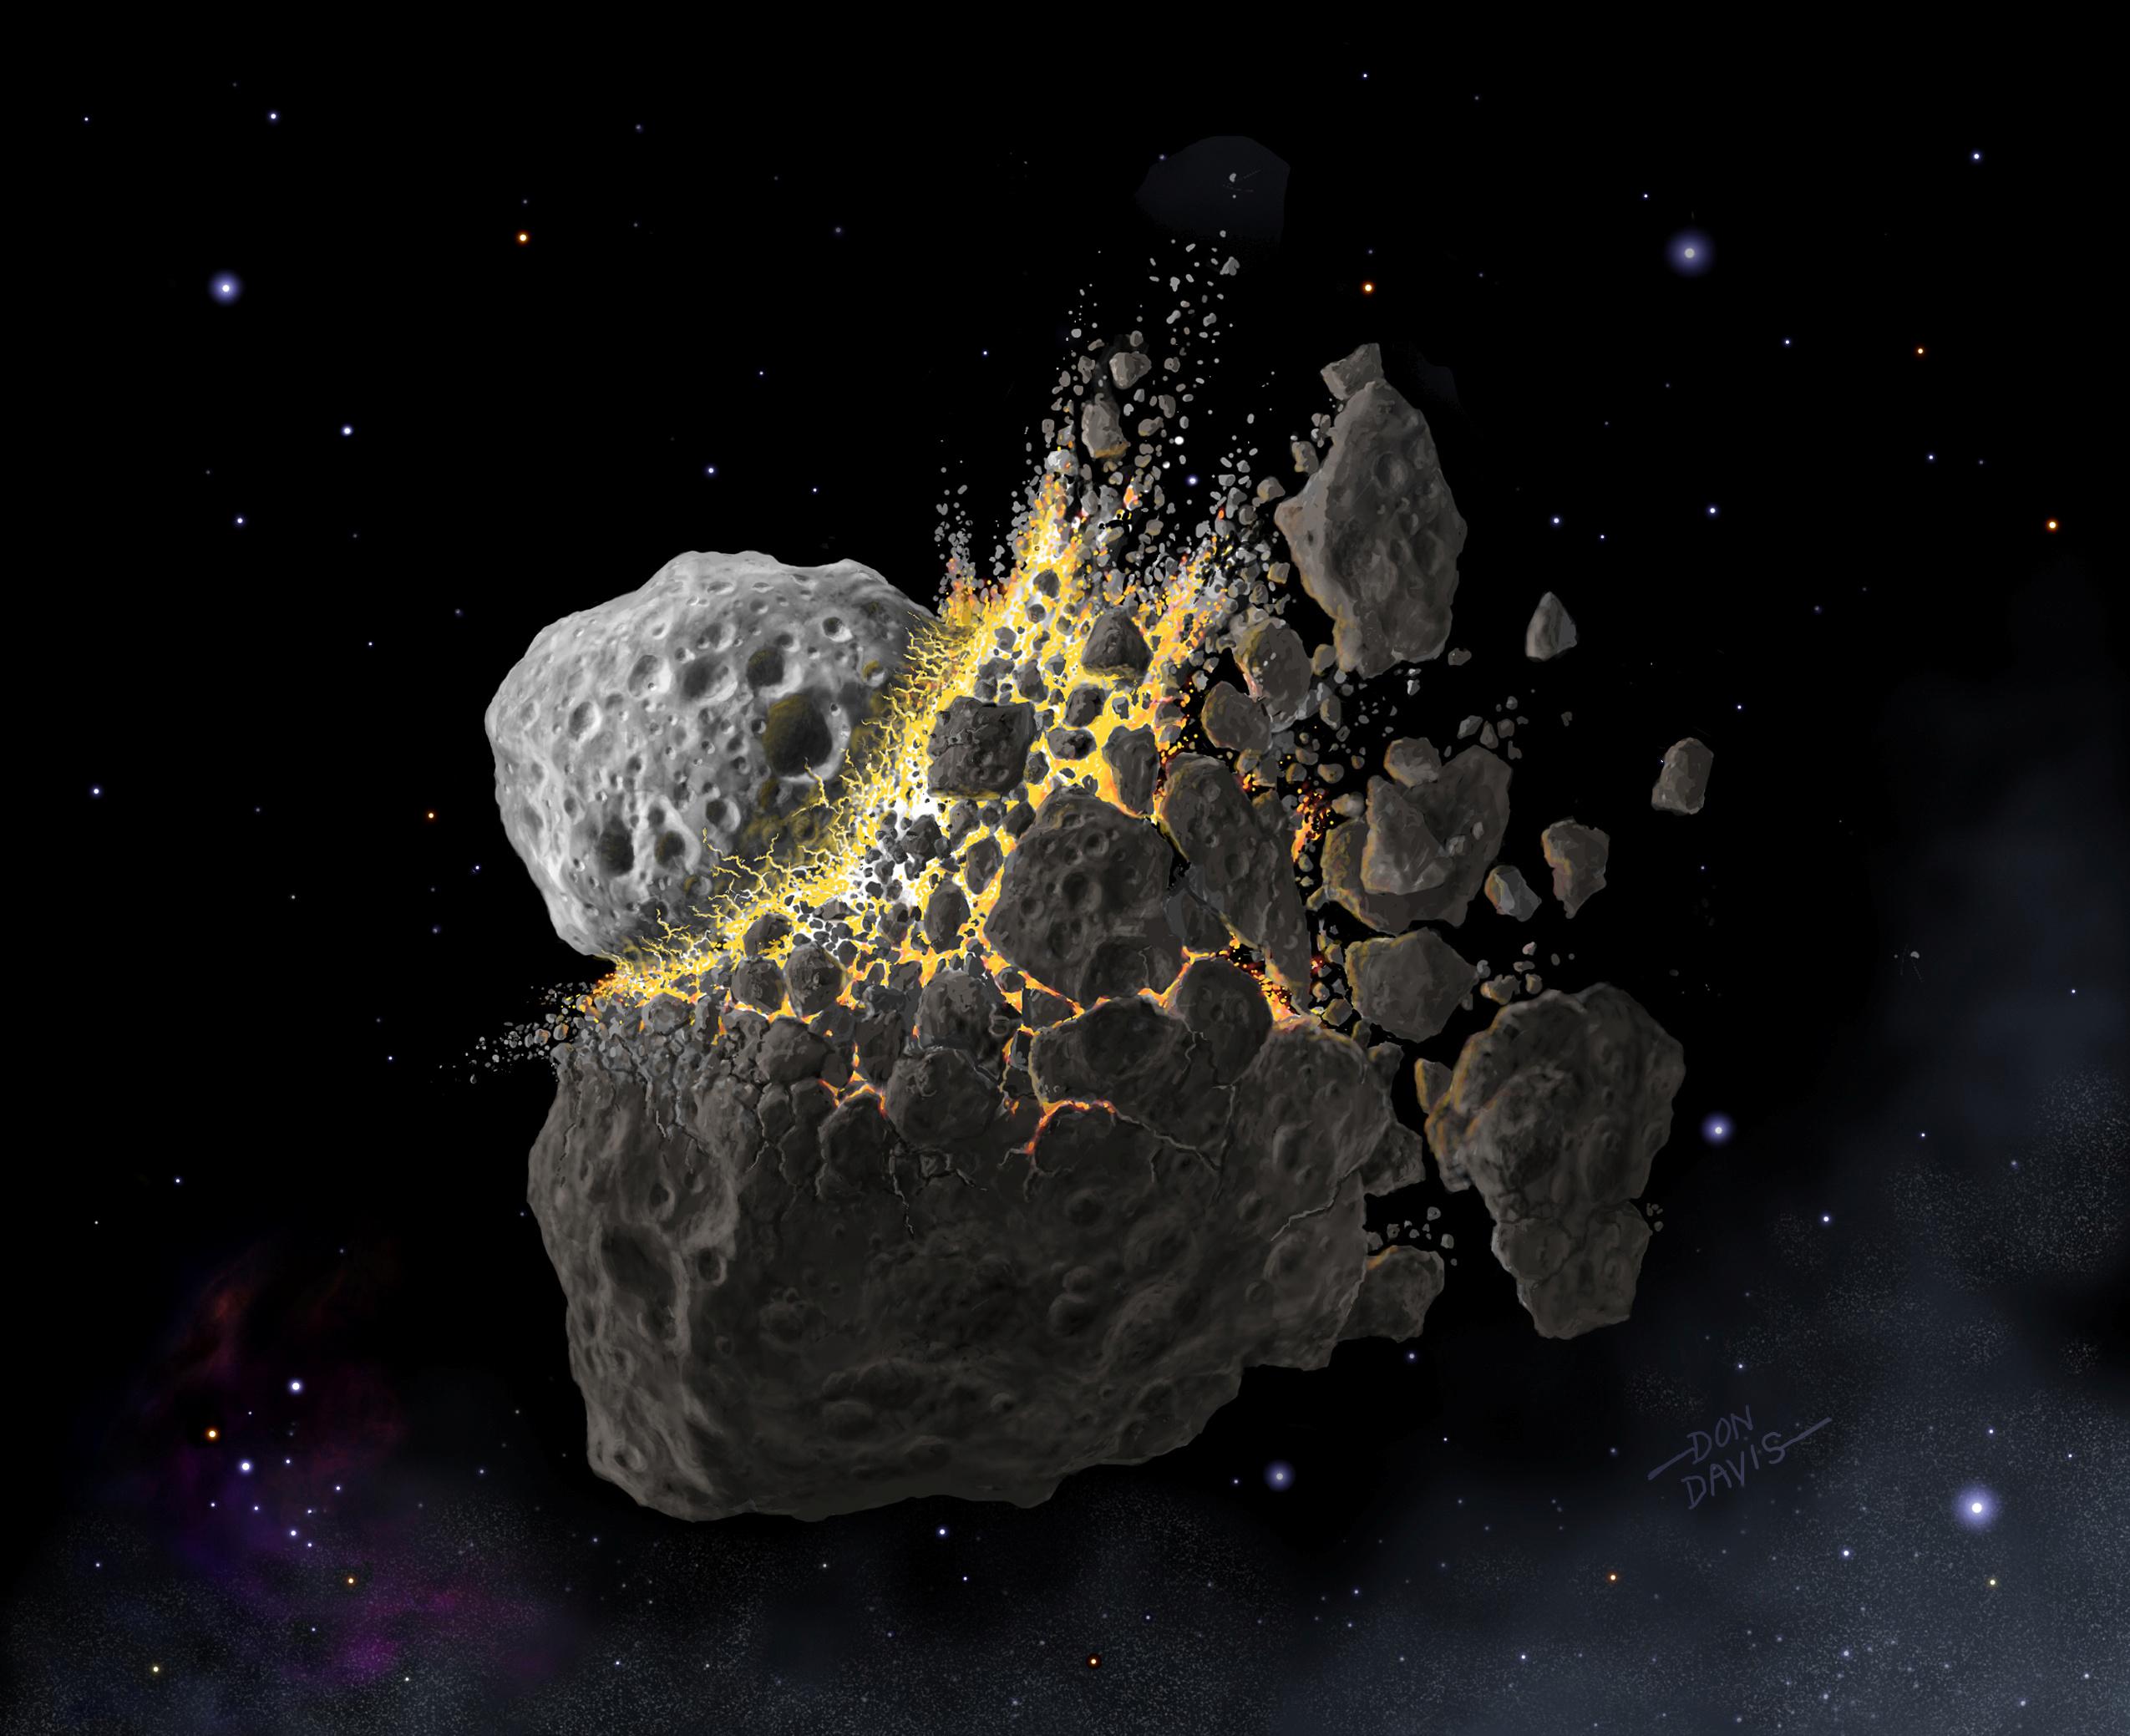 Άγιο είχαμε! Τελευταία στιγμή πήραν χαμπάρι στη NASA αστεροειδή που πέρασε πολύ κοντά από την Γη!